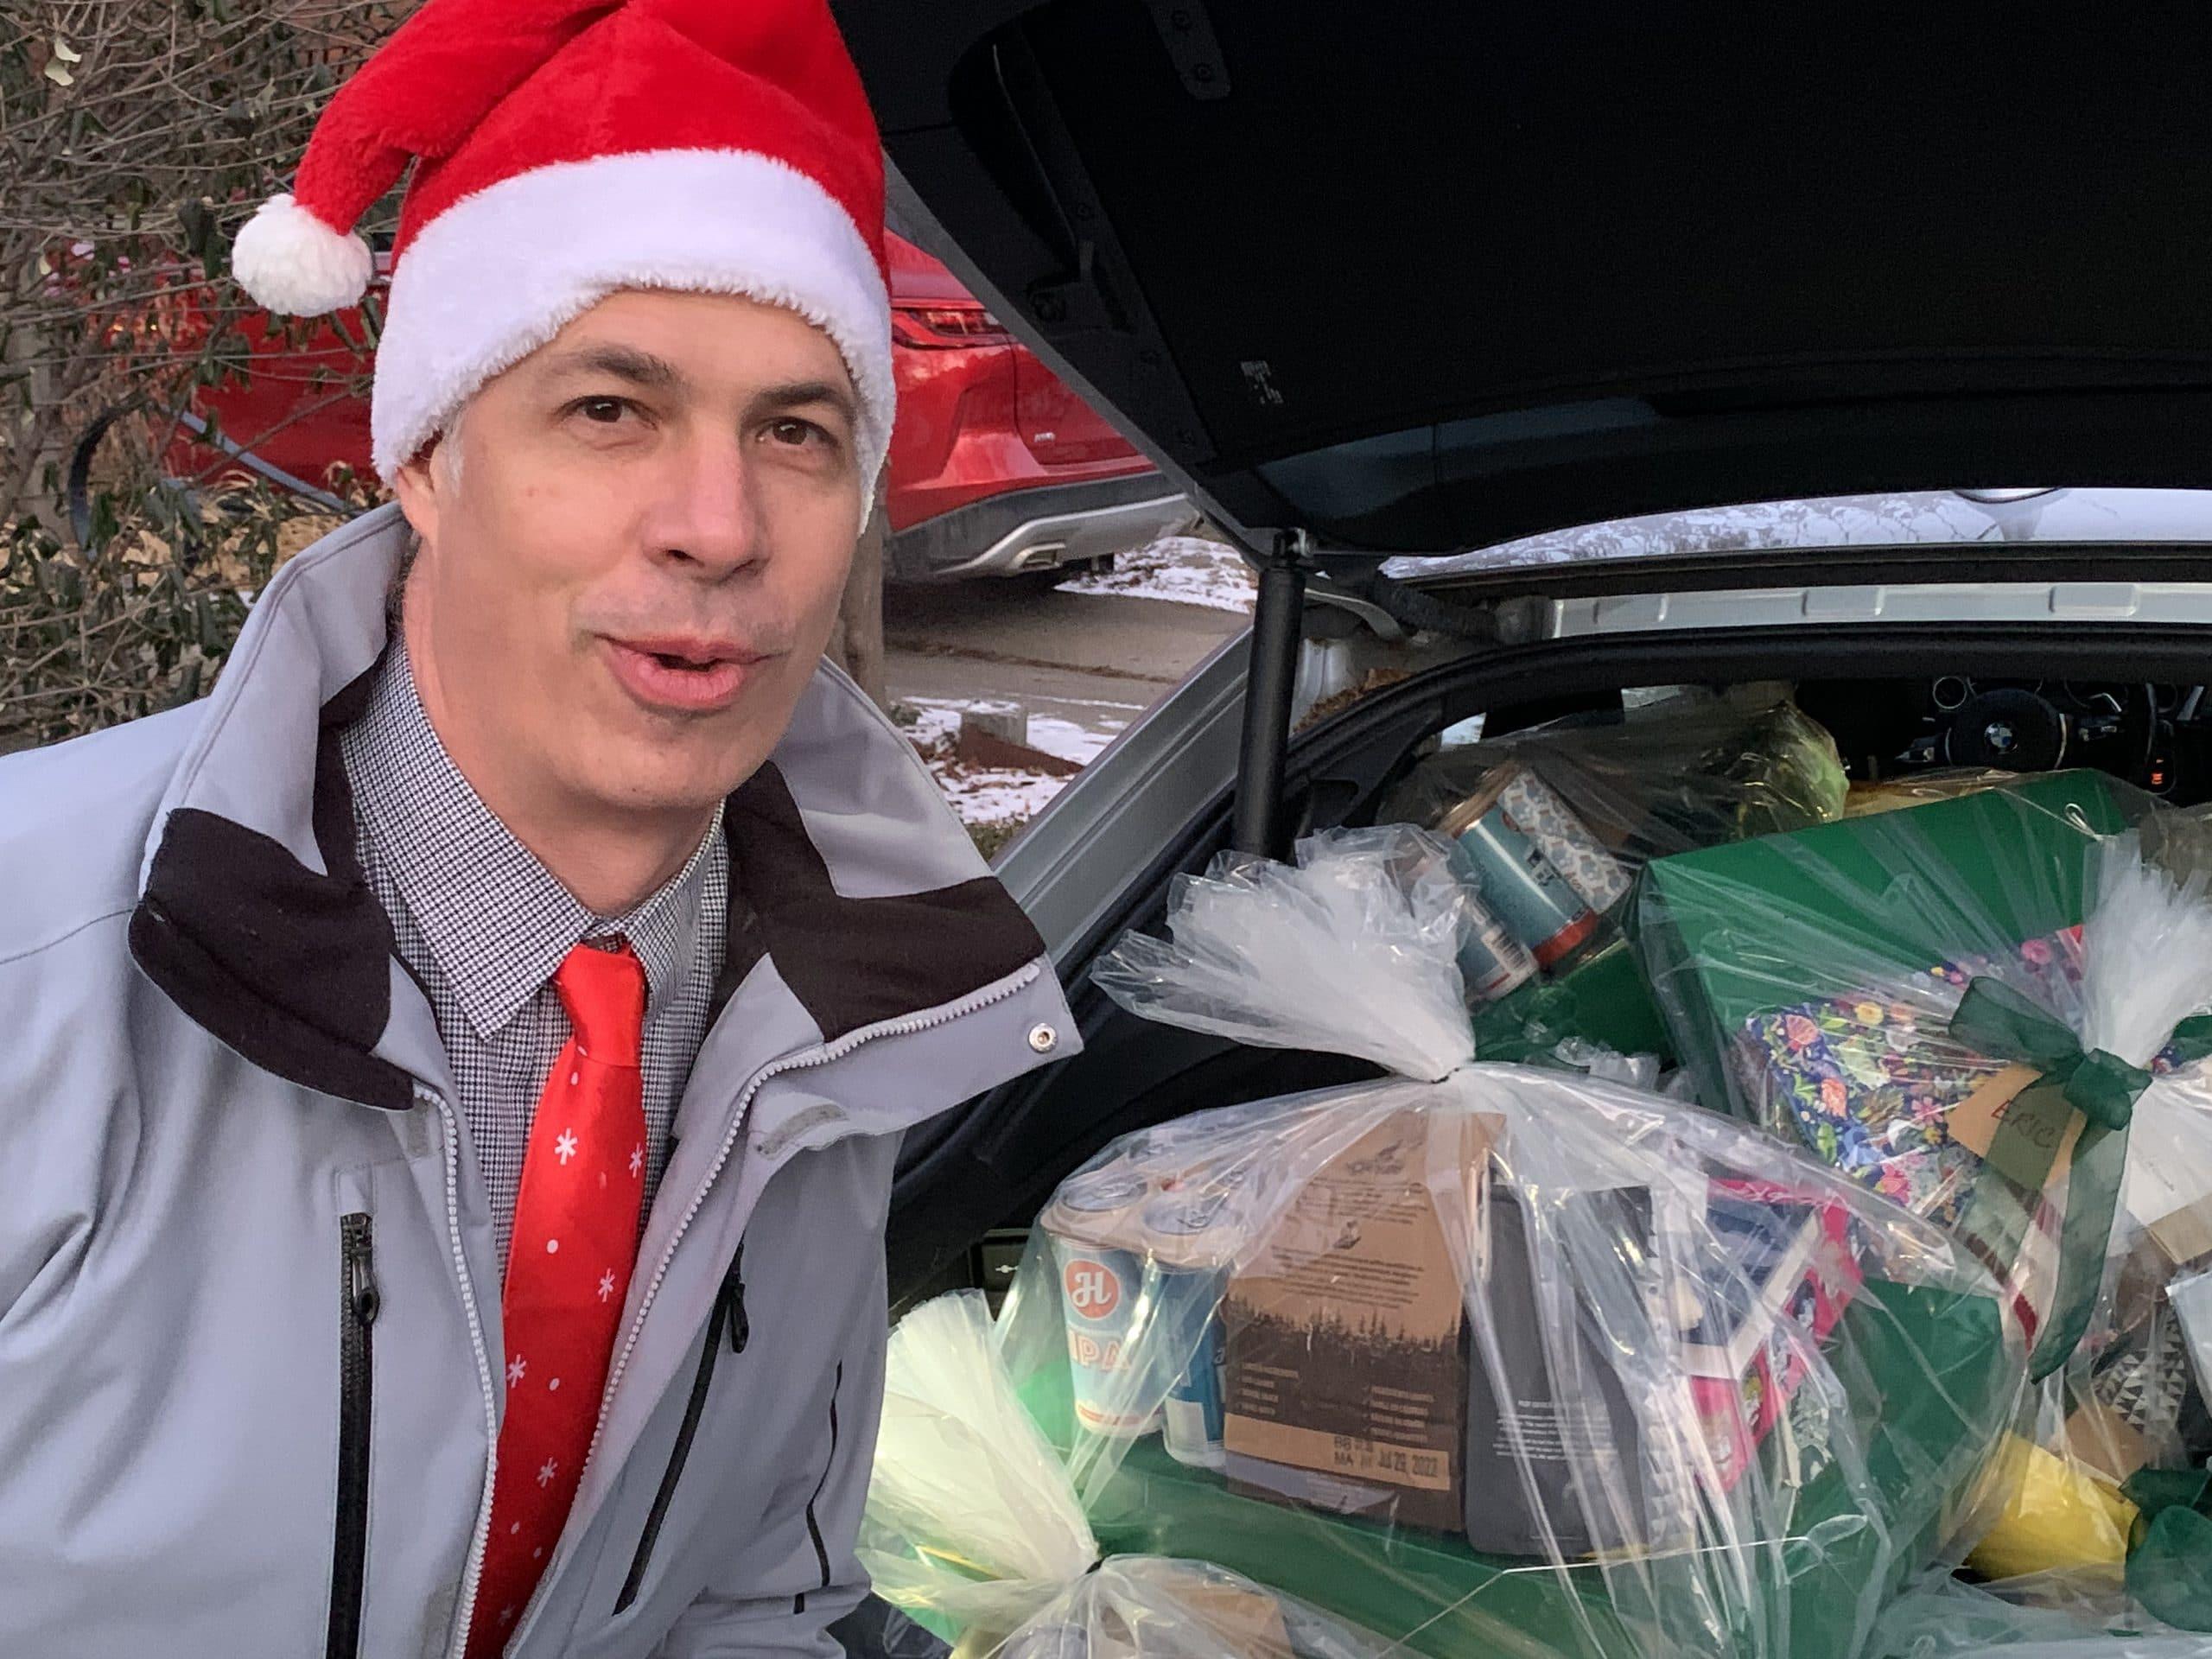 Santa Ray Gifting 2020